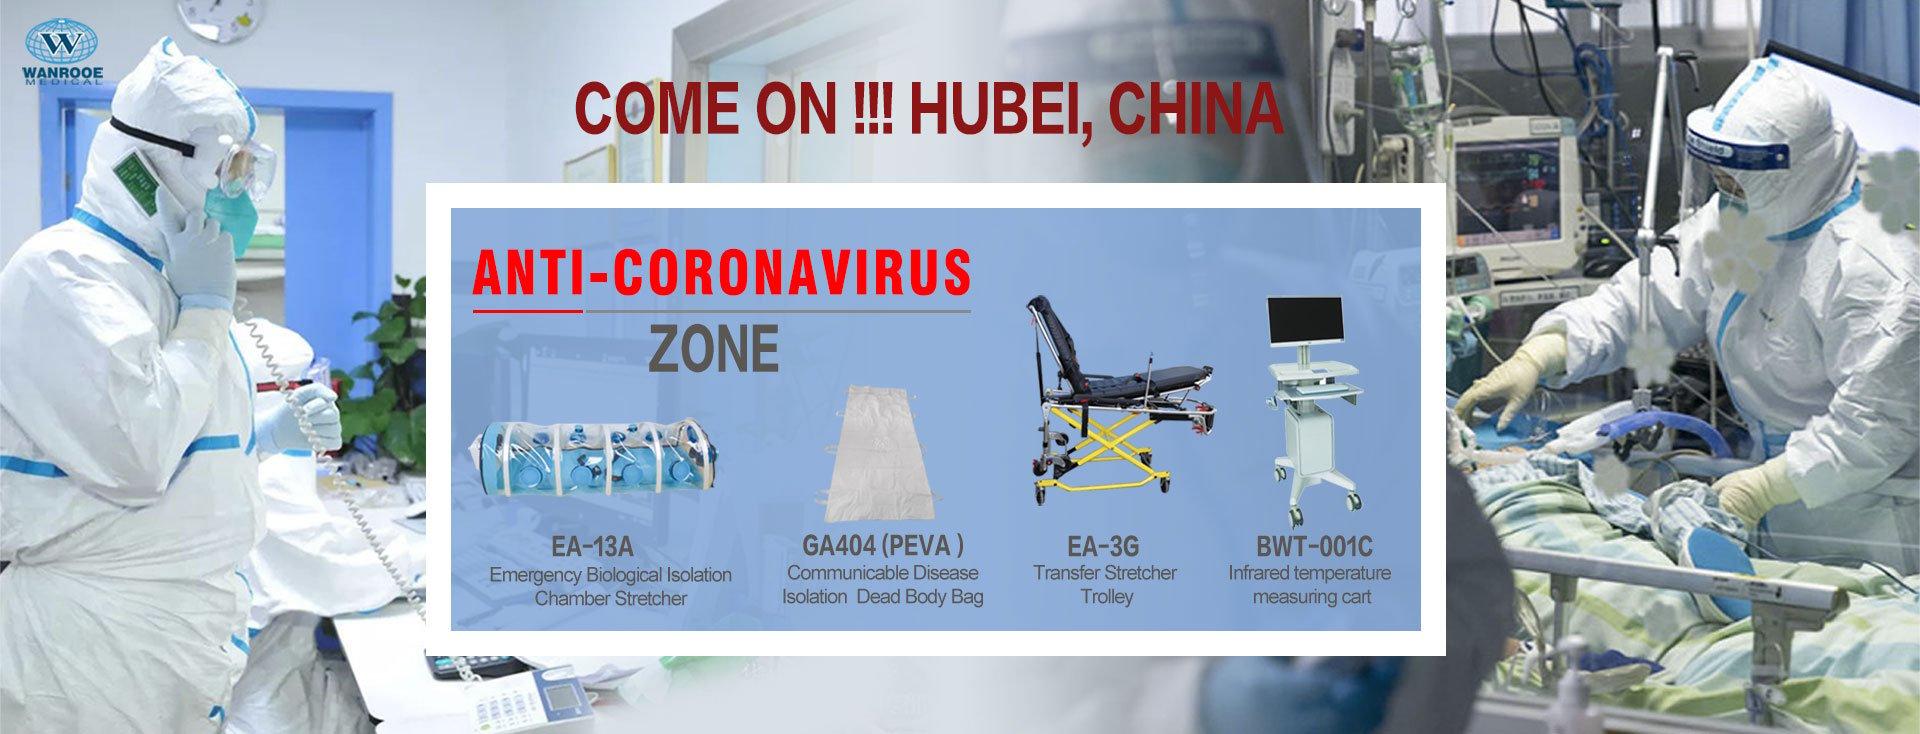 anti coronavirus zone